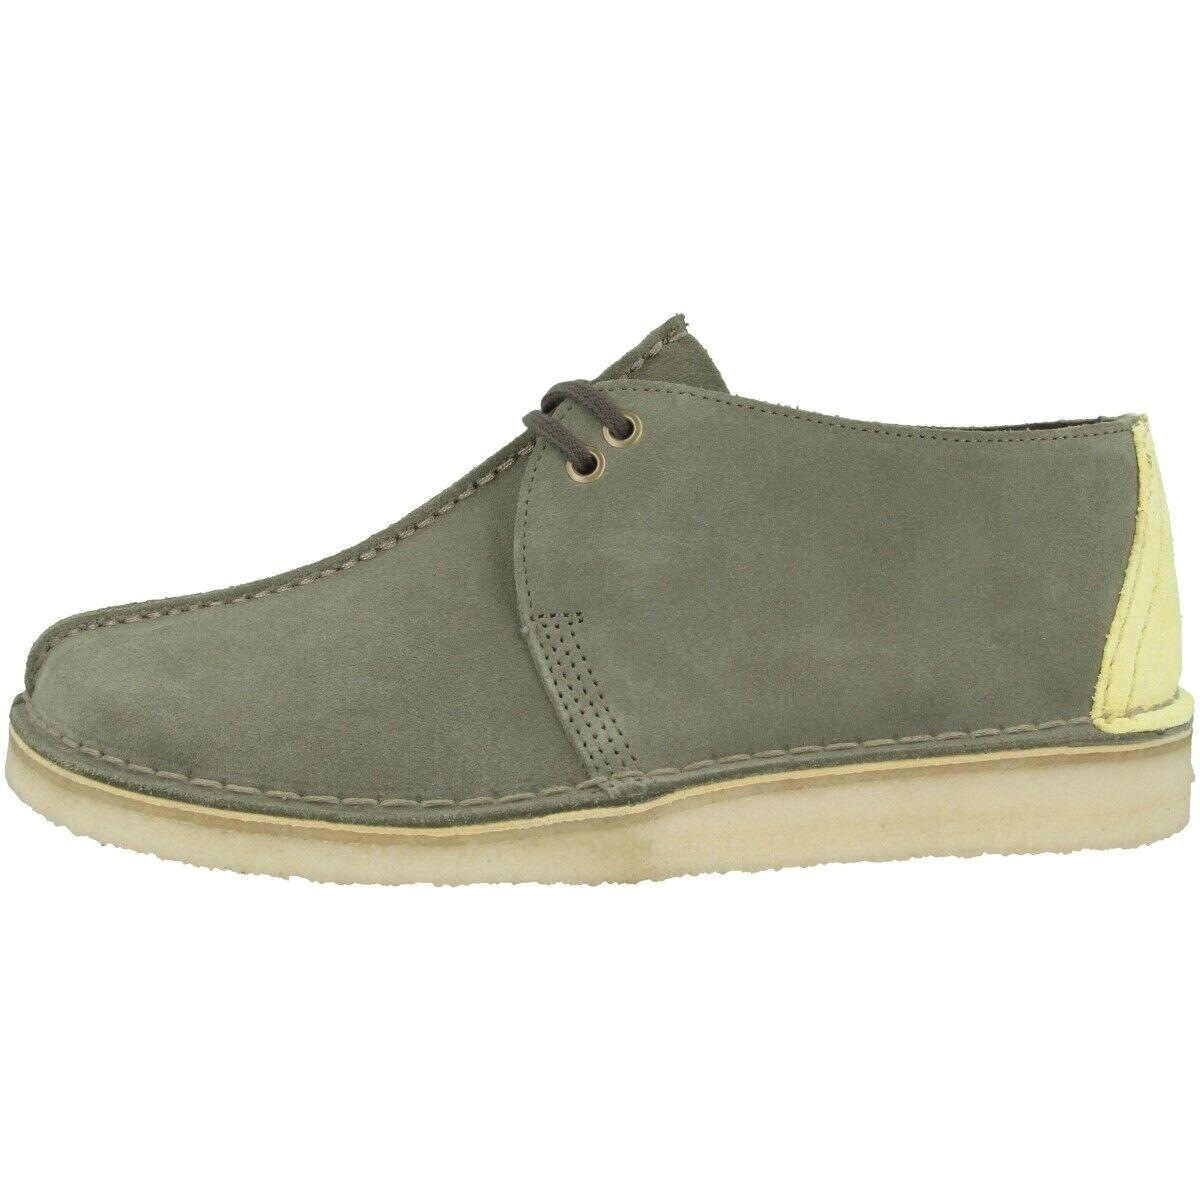 Clarks Desert Trek zapatos Men calcetines de tiempo libre schnürzapatos Sage Suede 26139210